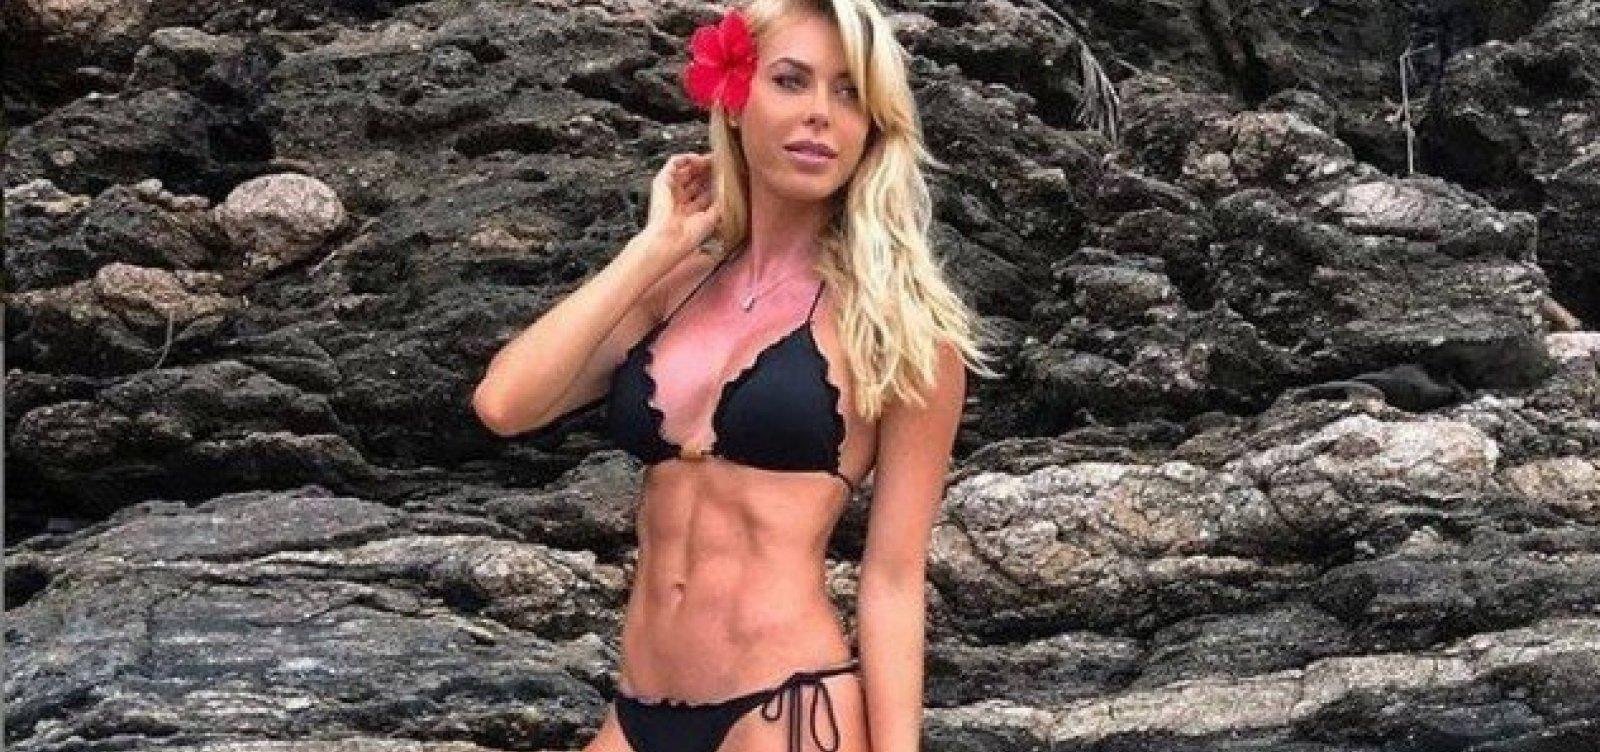 Corpo da modelo Caroline Bittencourt é encontrado